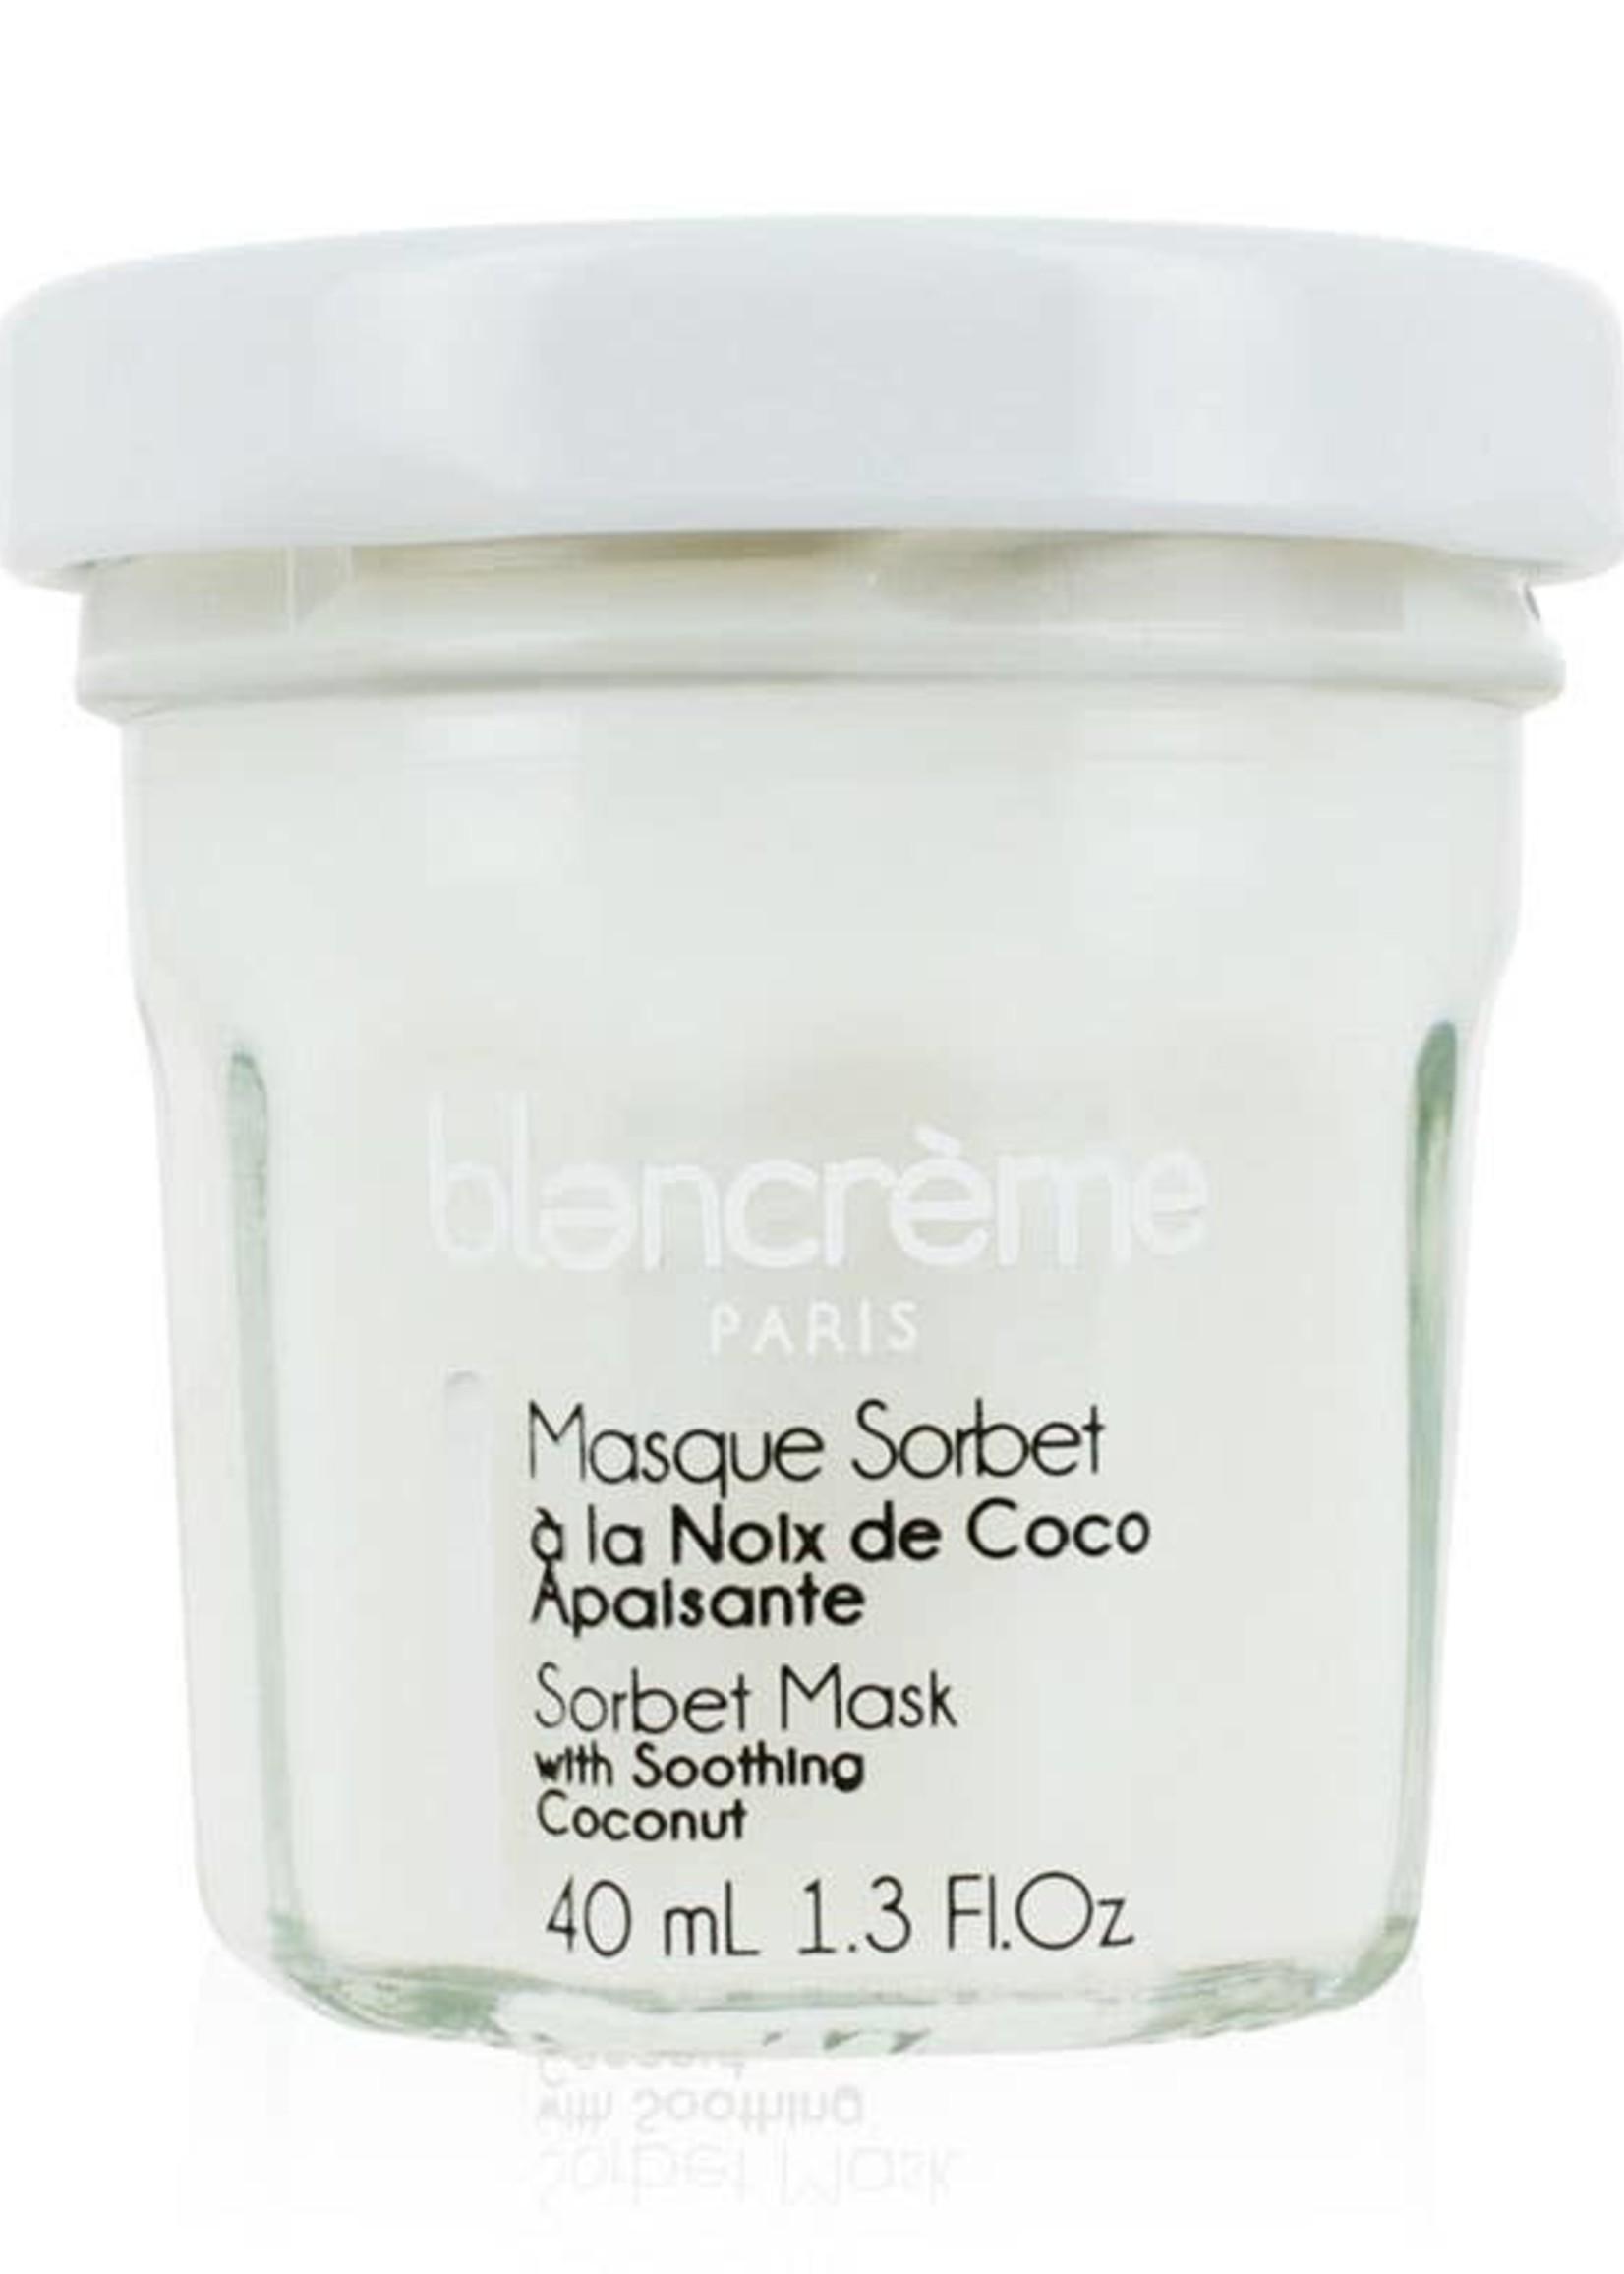 blancreme paris Coconut Face Mask - 1.3 oz